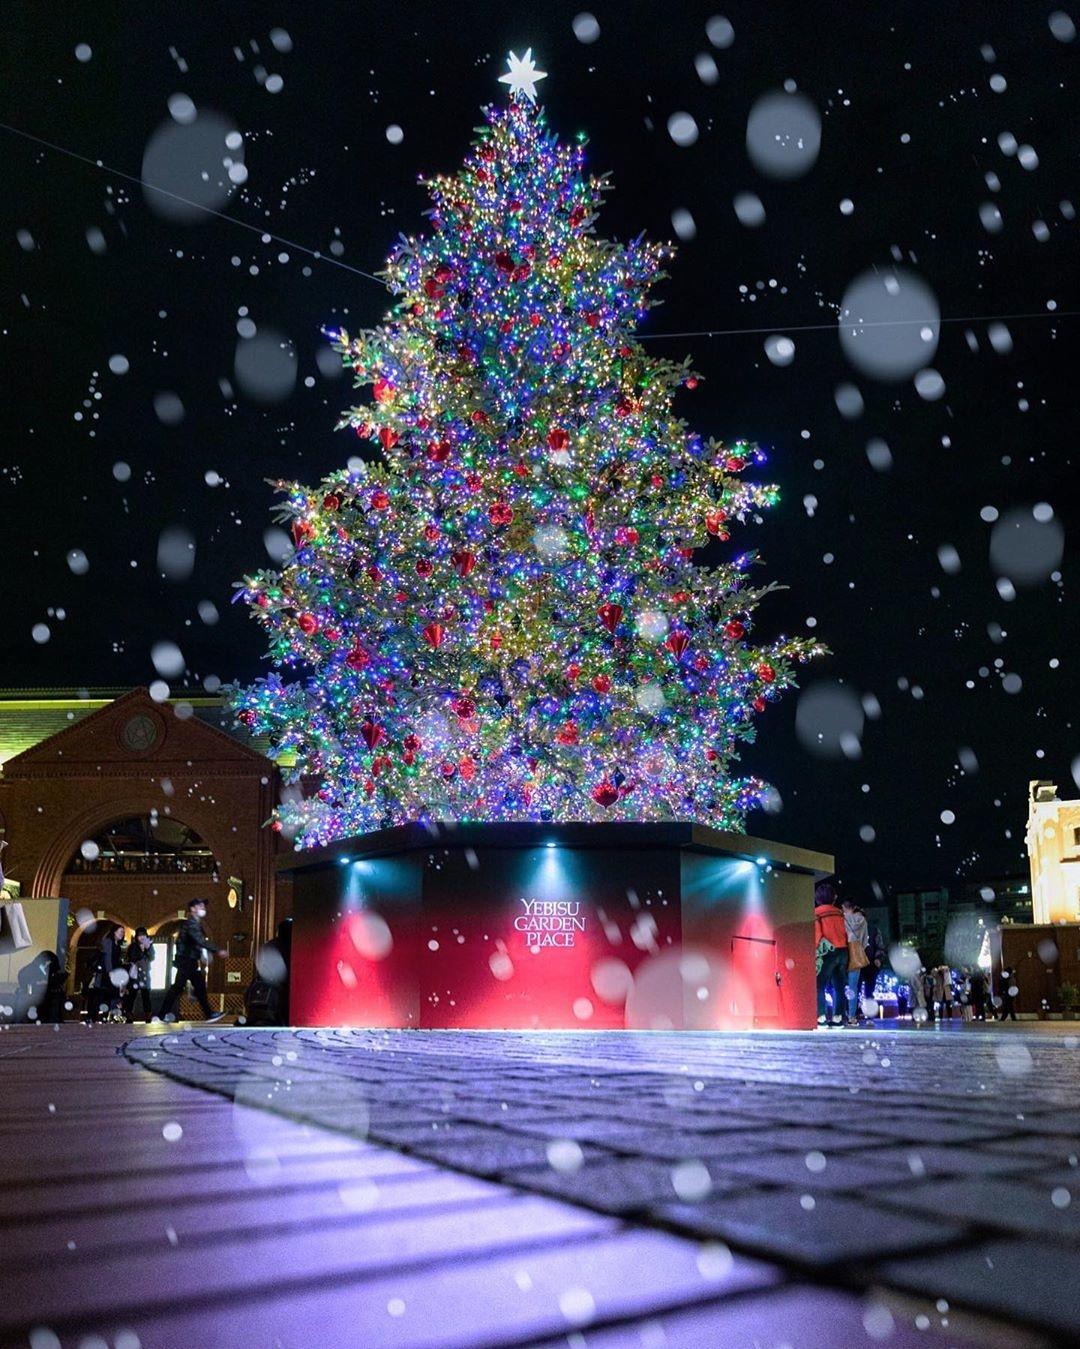 今年のクリスマスは恵比寿に行こうよ